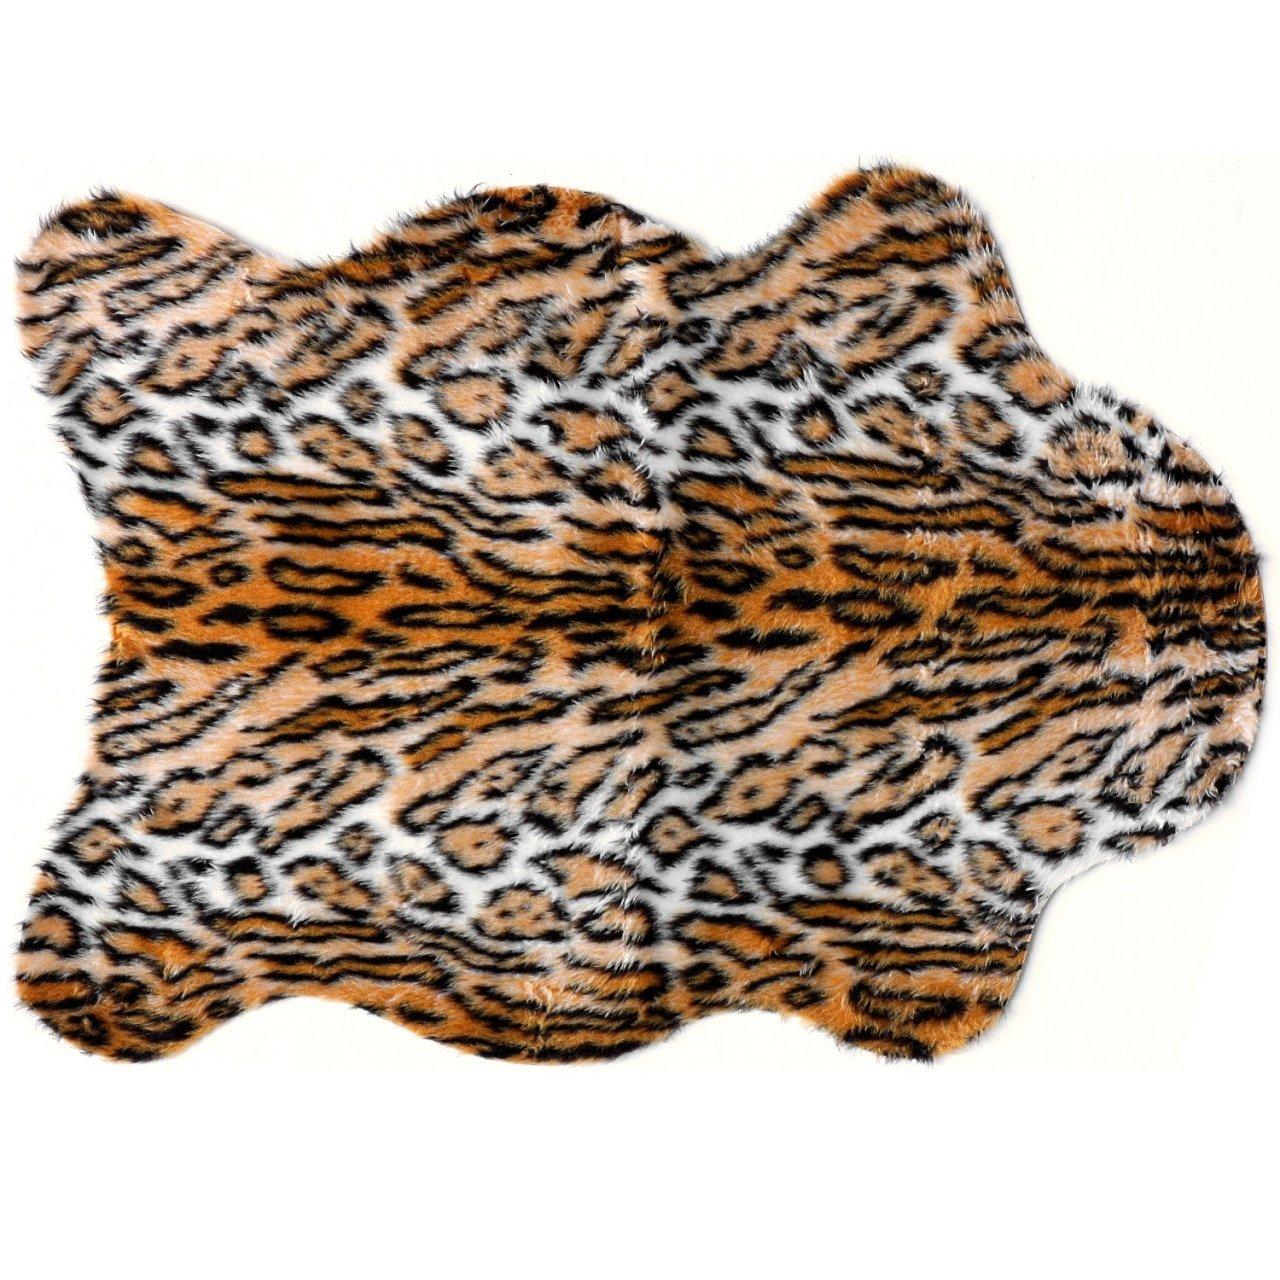 Debonsol - Tapis Salon Peau DE BÊTE Jaguar 70x100cm